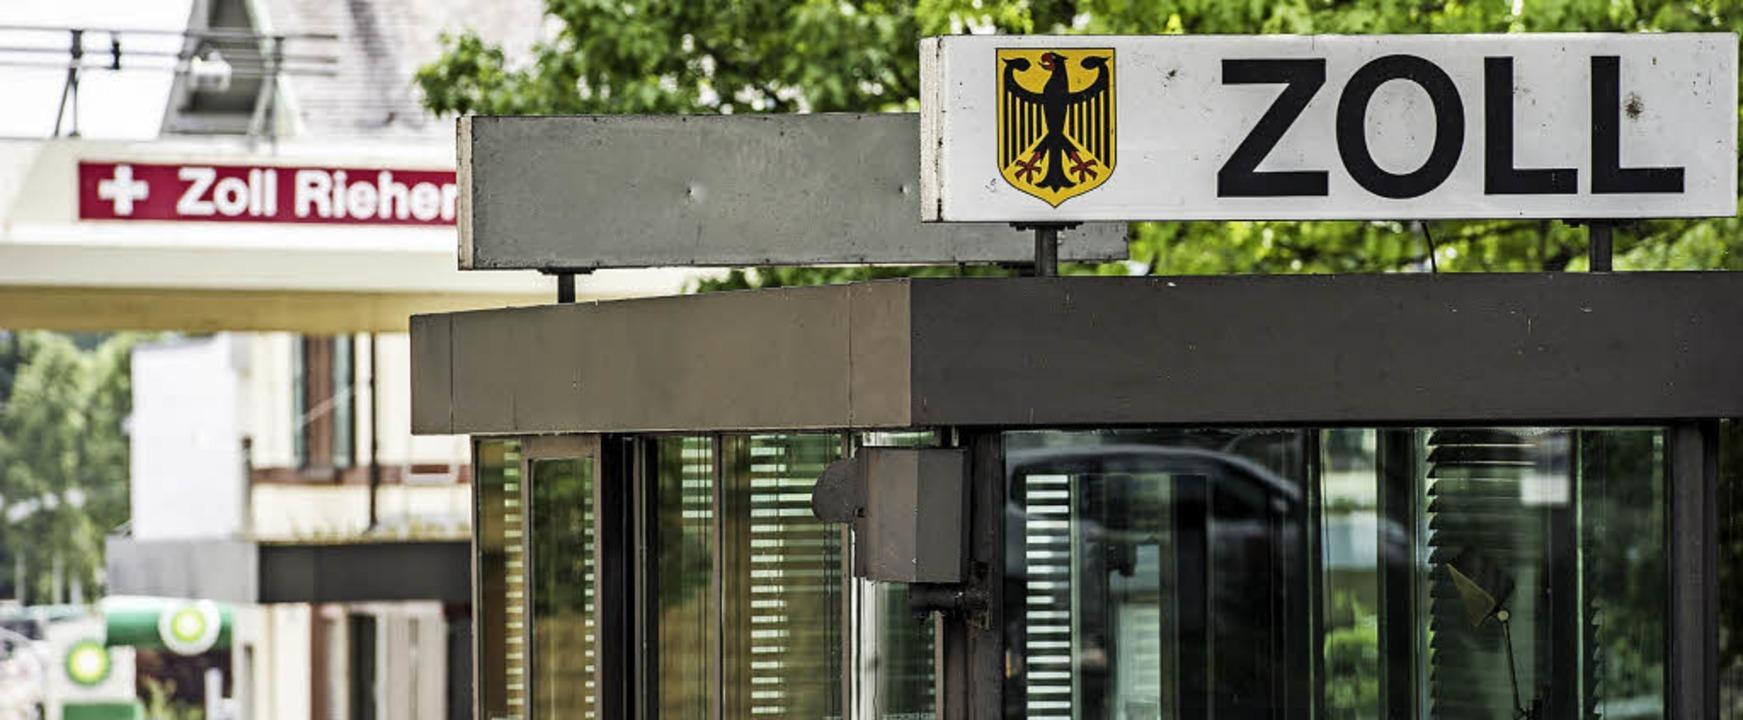 Das Zollquartier zwischen Lörrach und ... spielen kann, klärt nun eine Studie.   | Foto: Daniel Schoenen